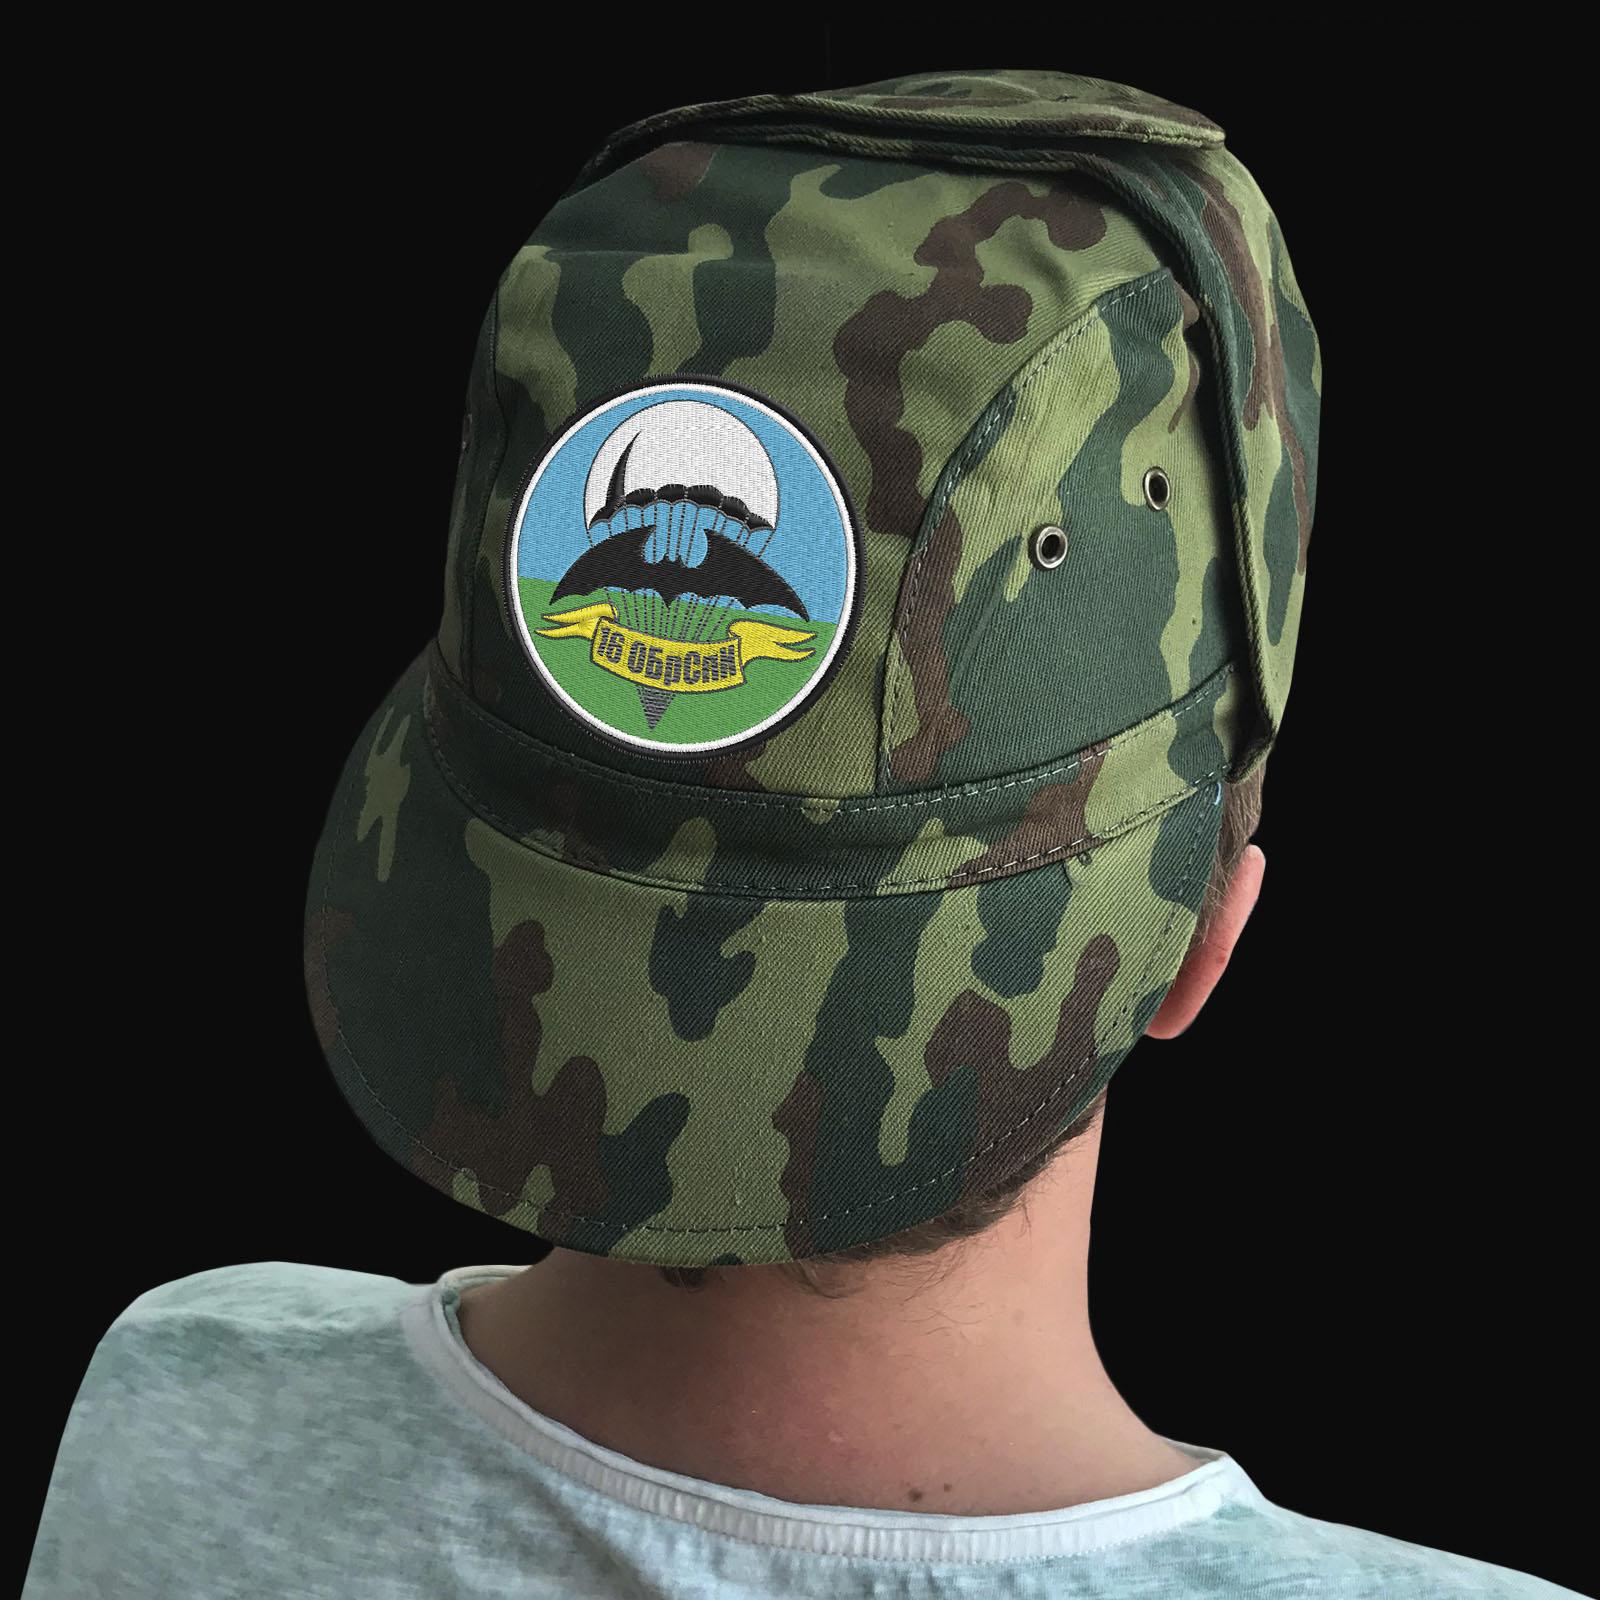 Милитари кепки с символикой отдельных бригад специального назначения